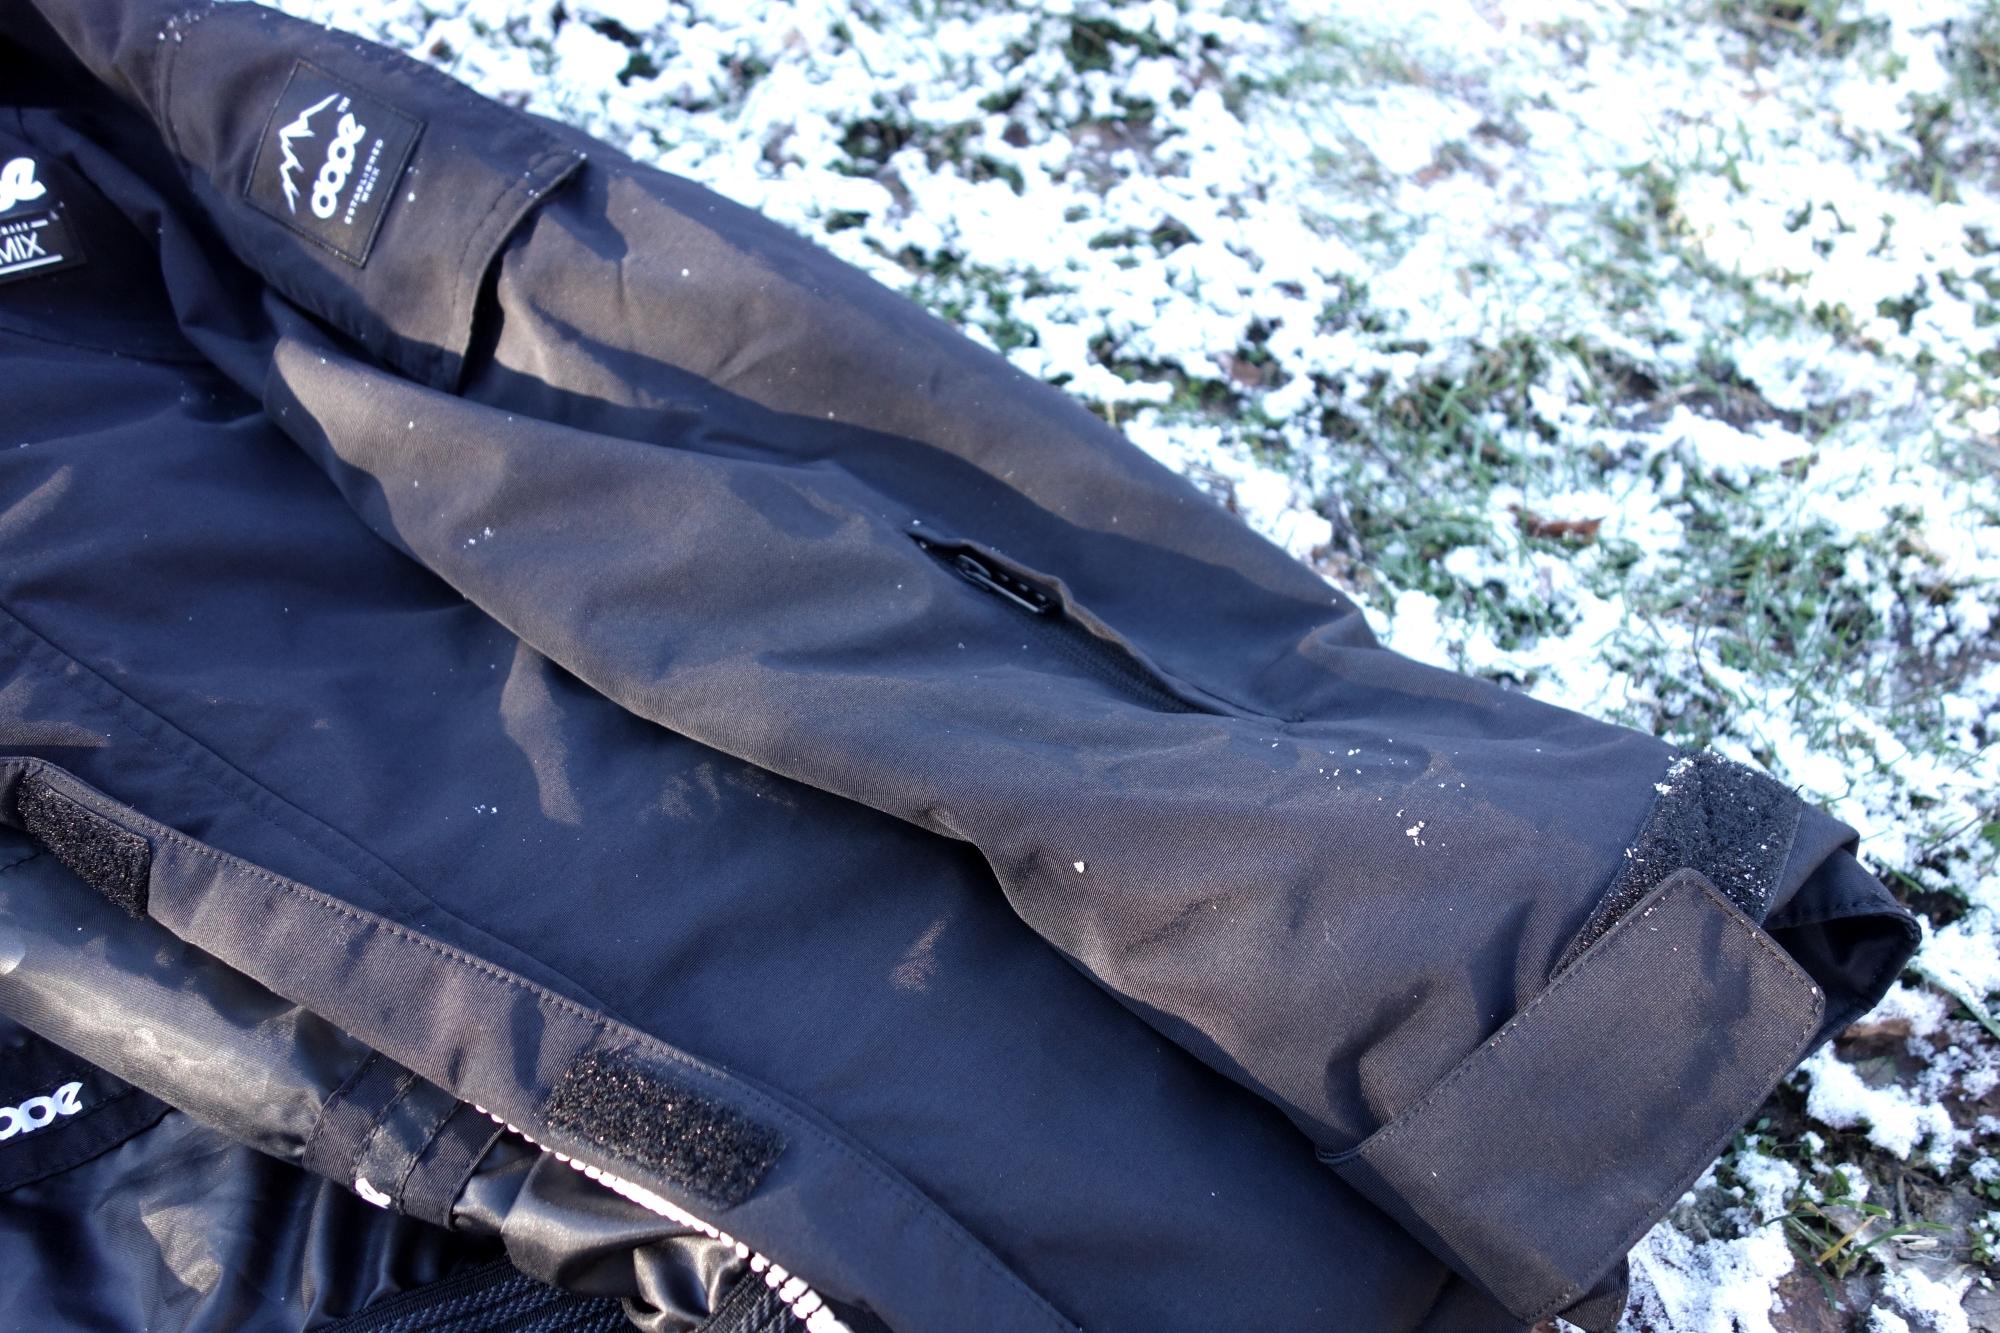 Ärmel mit Lifttasche der Dope Adept Snowboardjacke